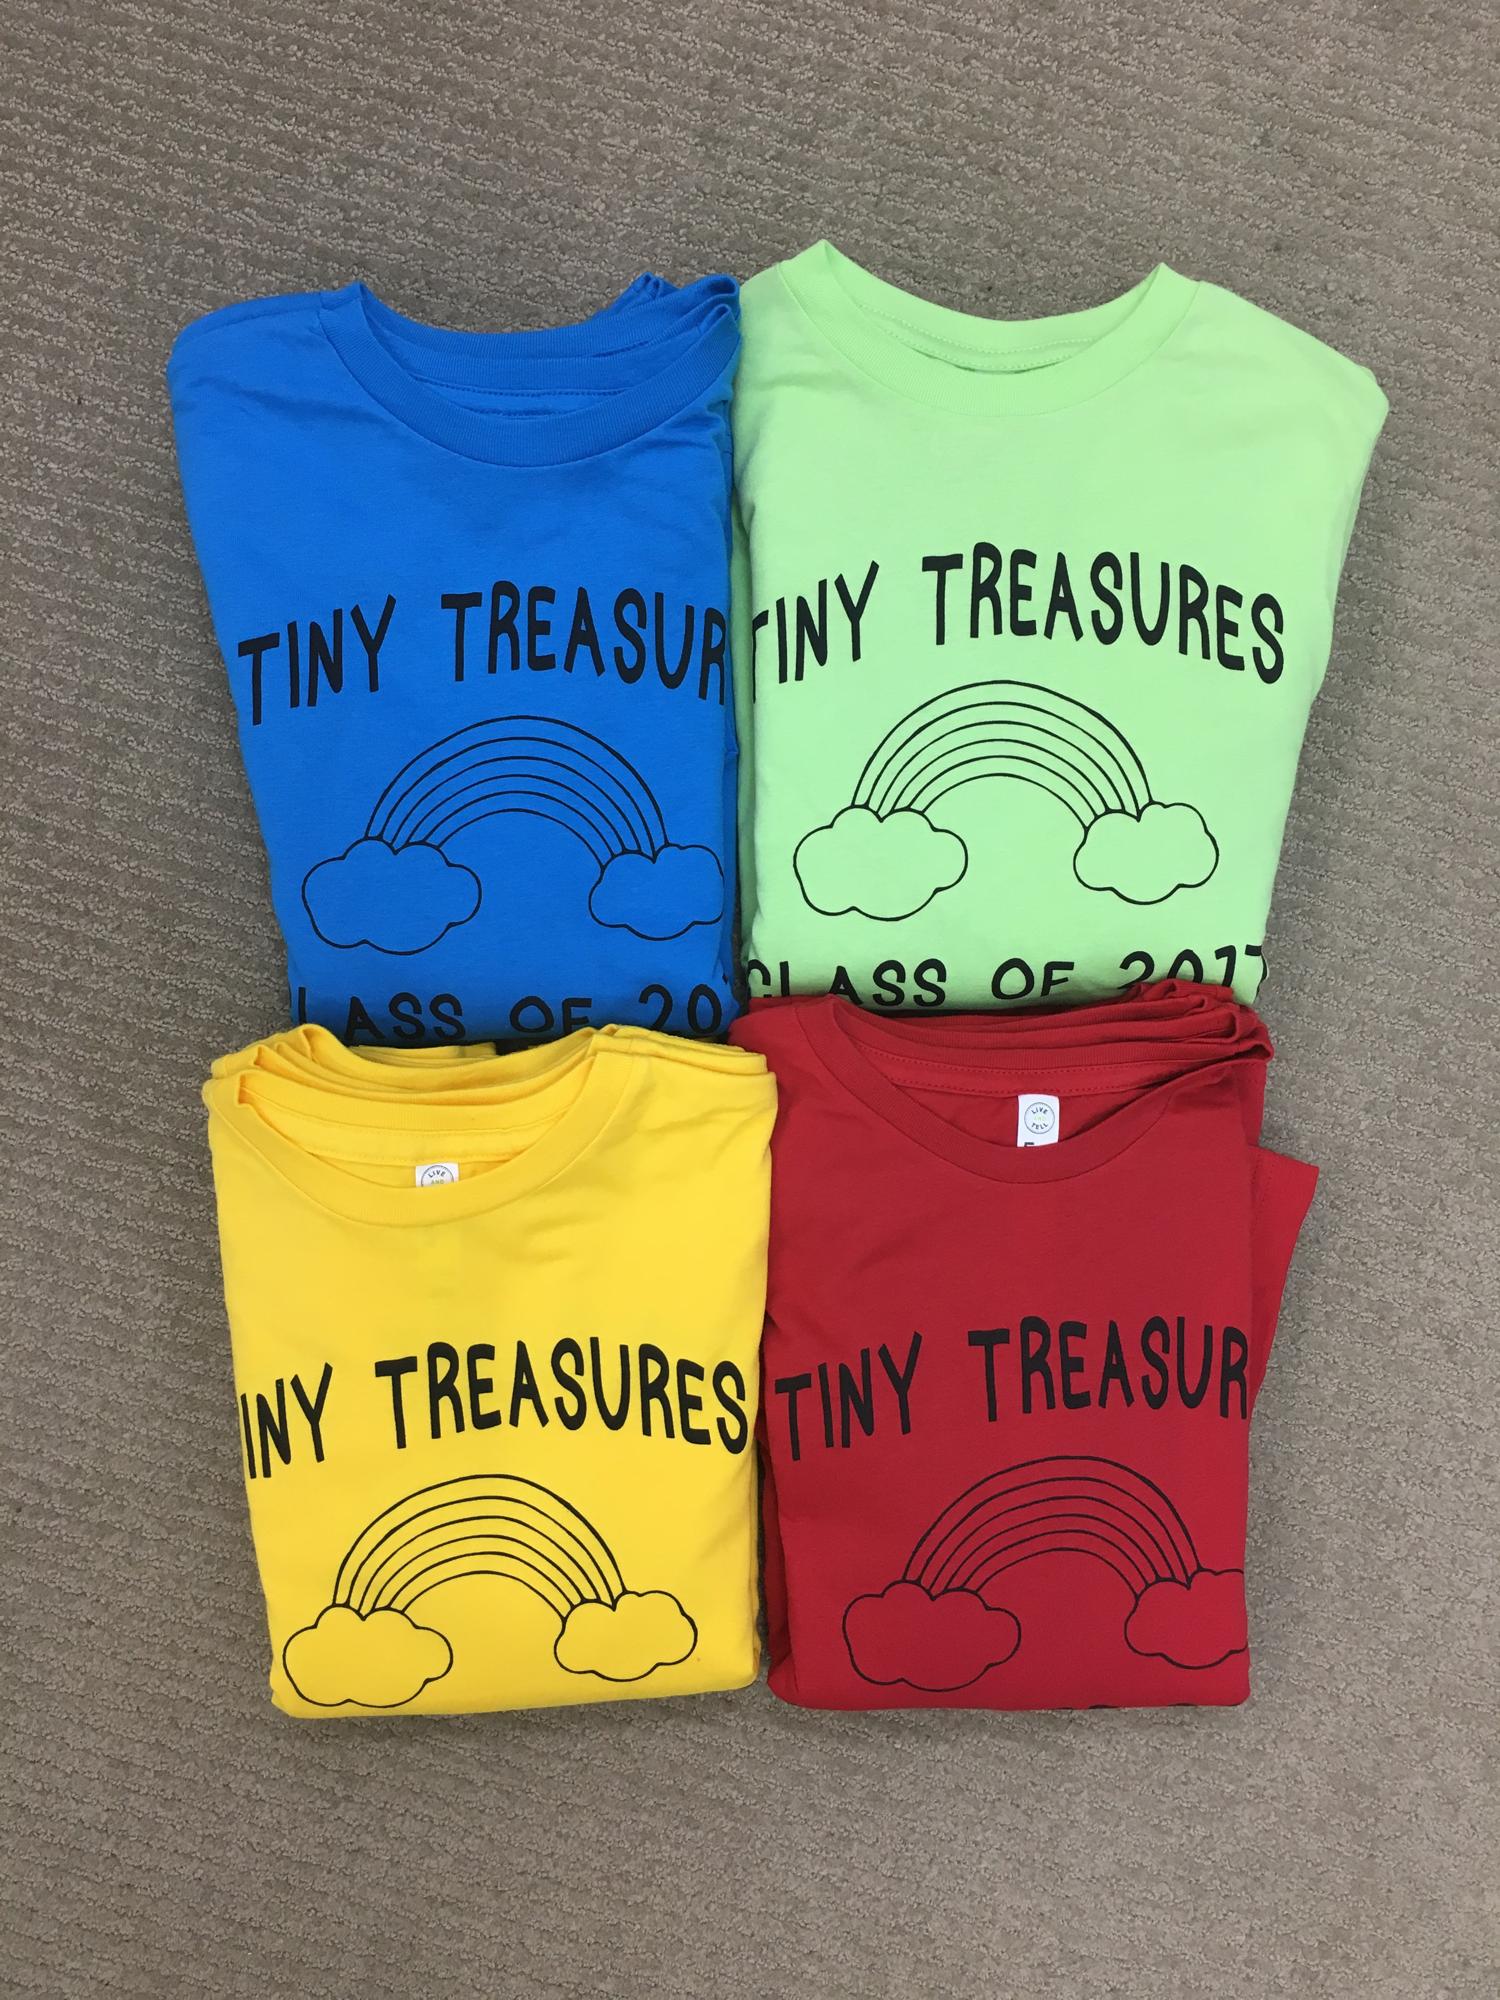 tiny-treasures-t-shirts-2017.png